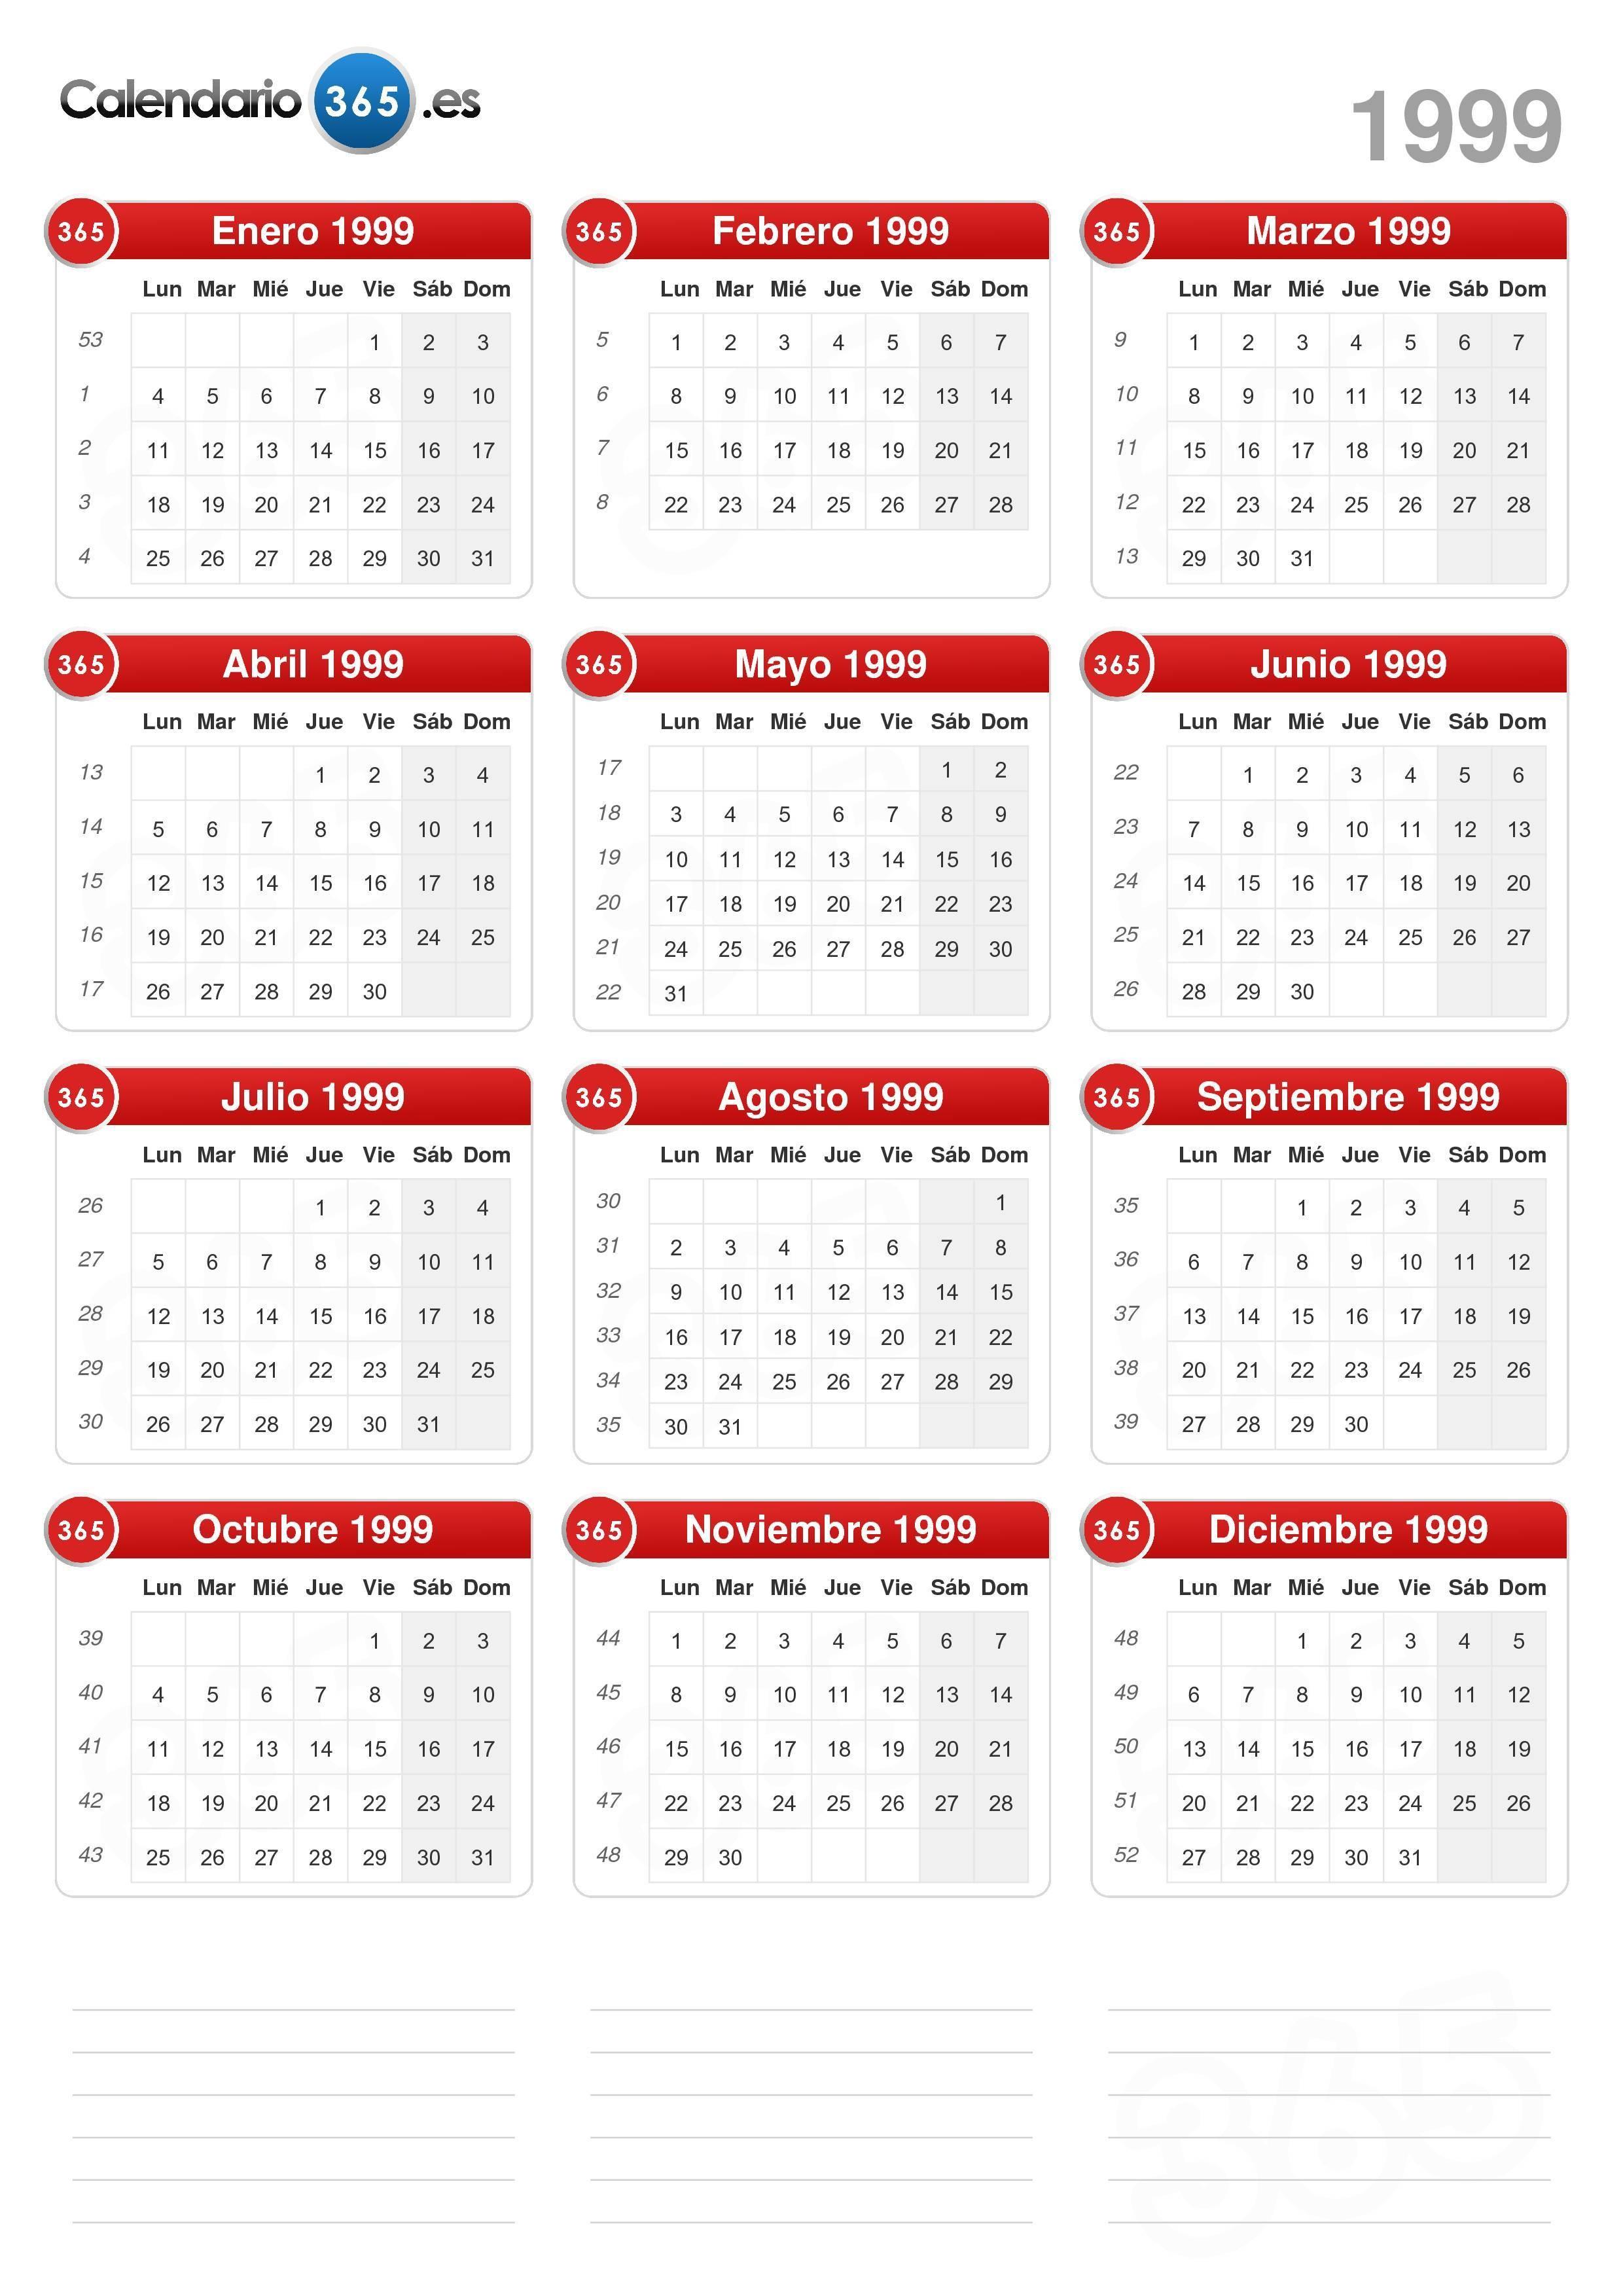 calendario 1999 formato vertical v2 0